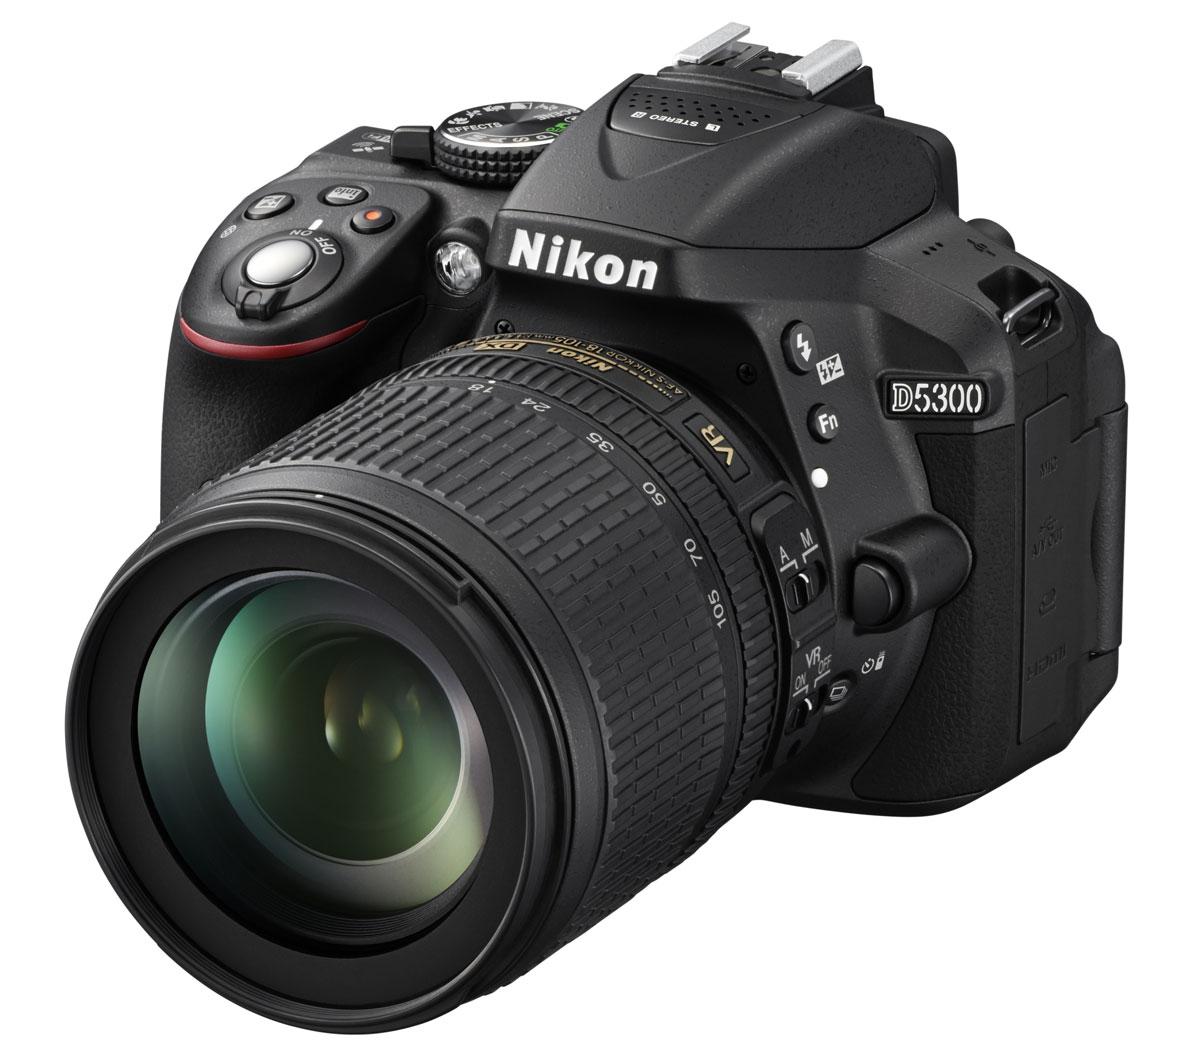 Nikon D5300 Kit 18-105 VR, Black цифровая зеркальная фотокамера